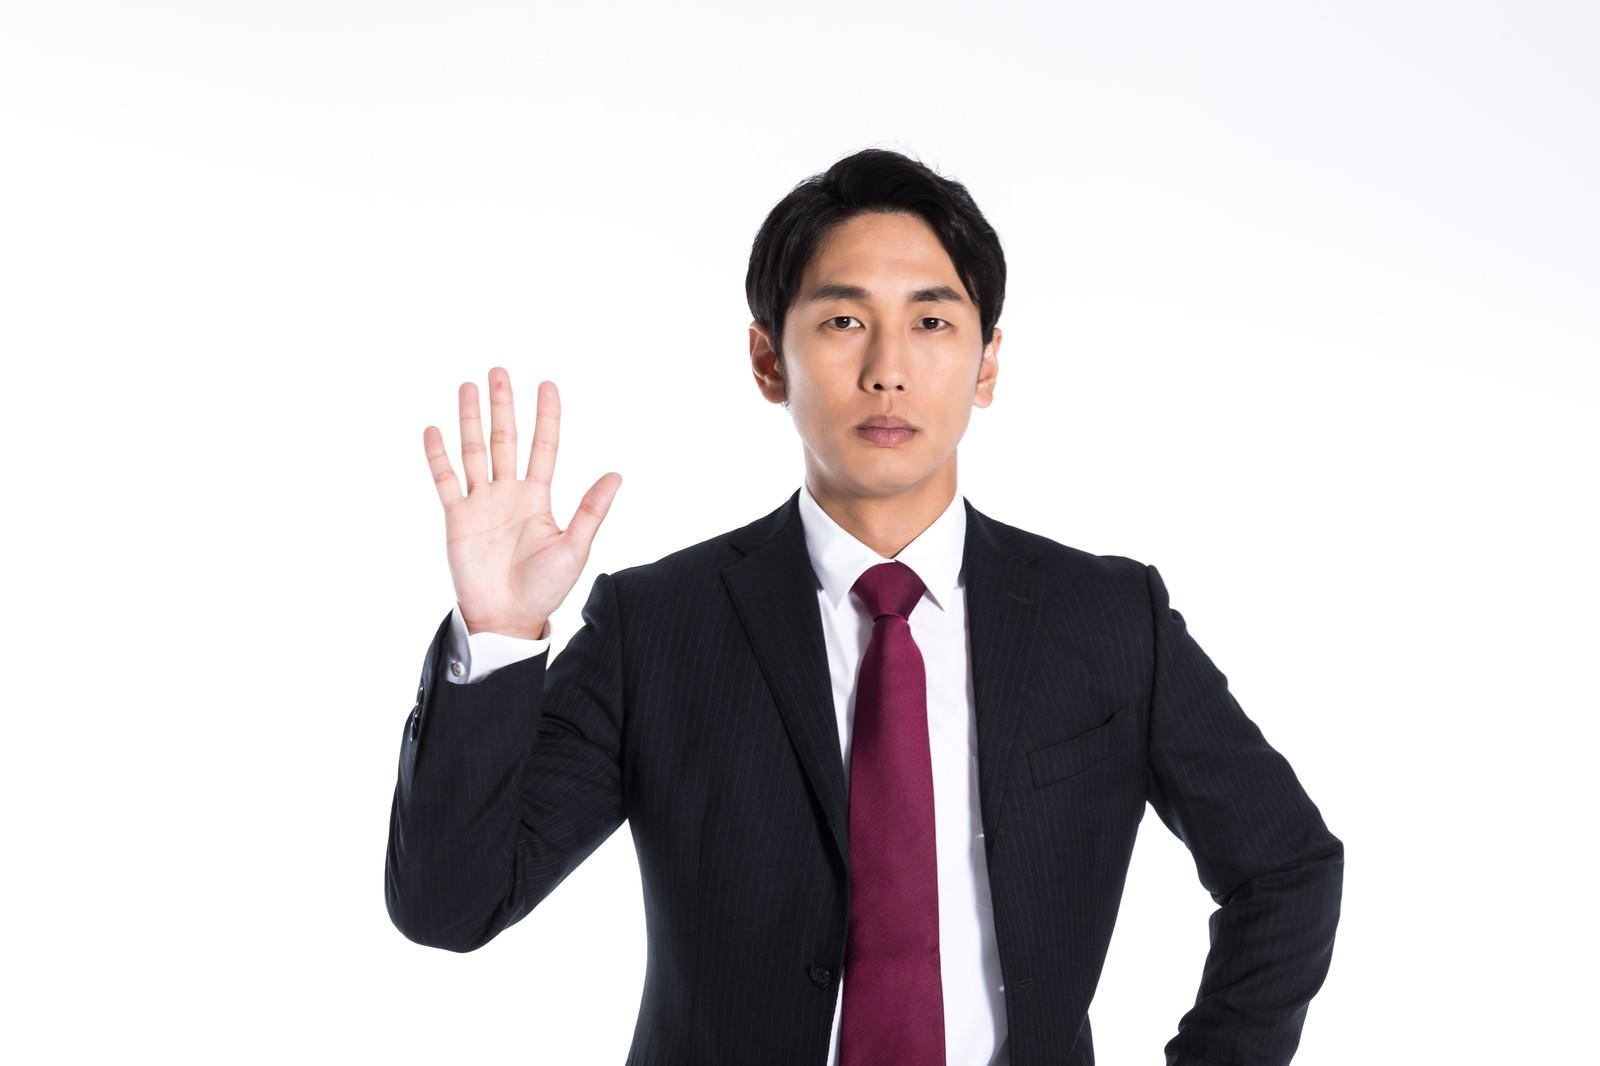 「指を五本立てる男性」の写真[モデル:大川竜弥]